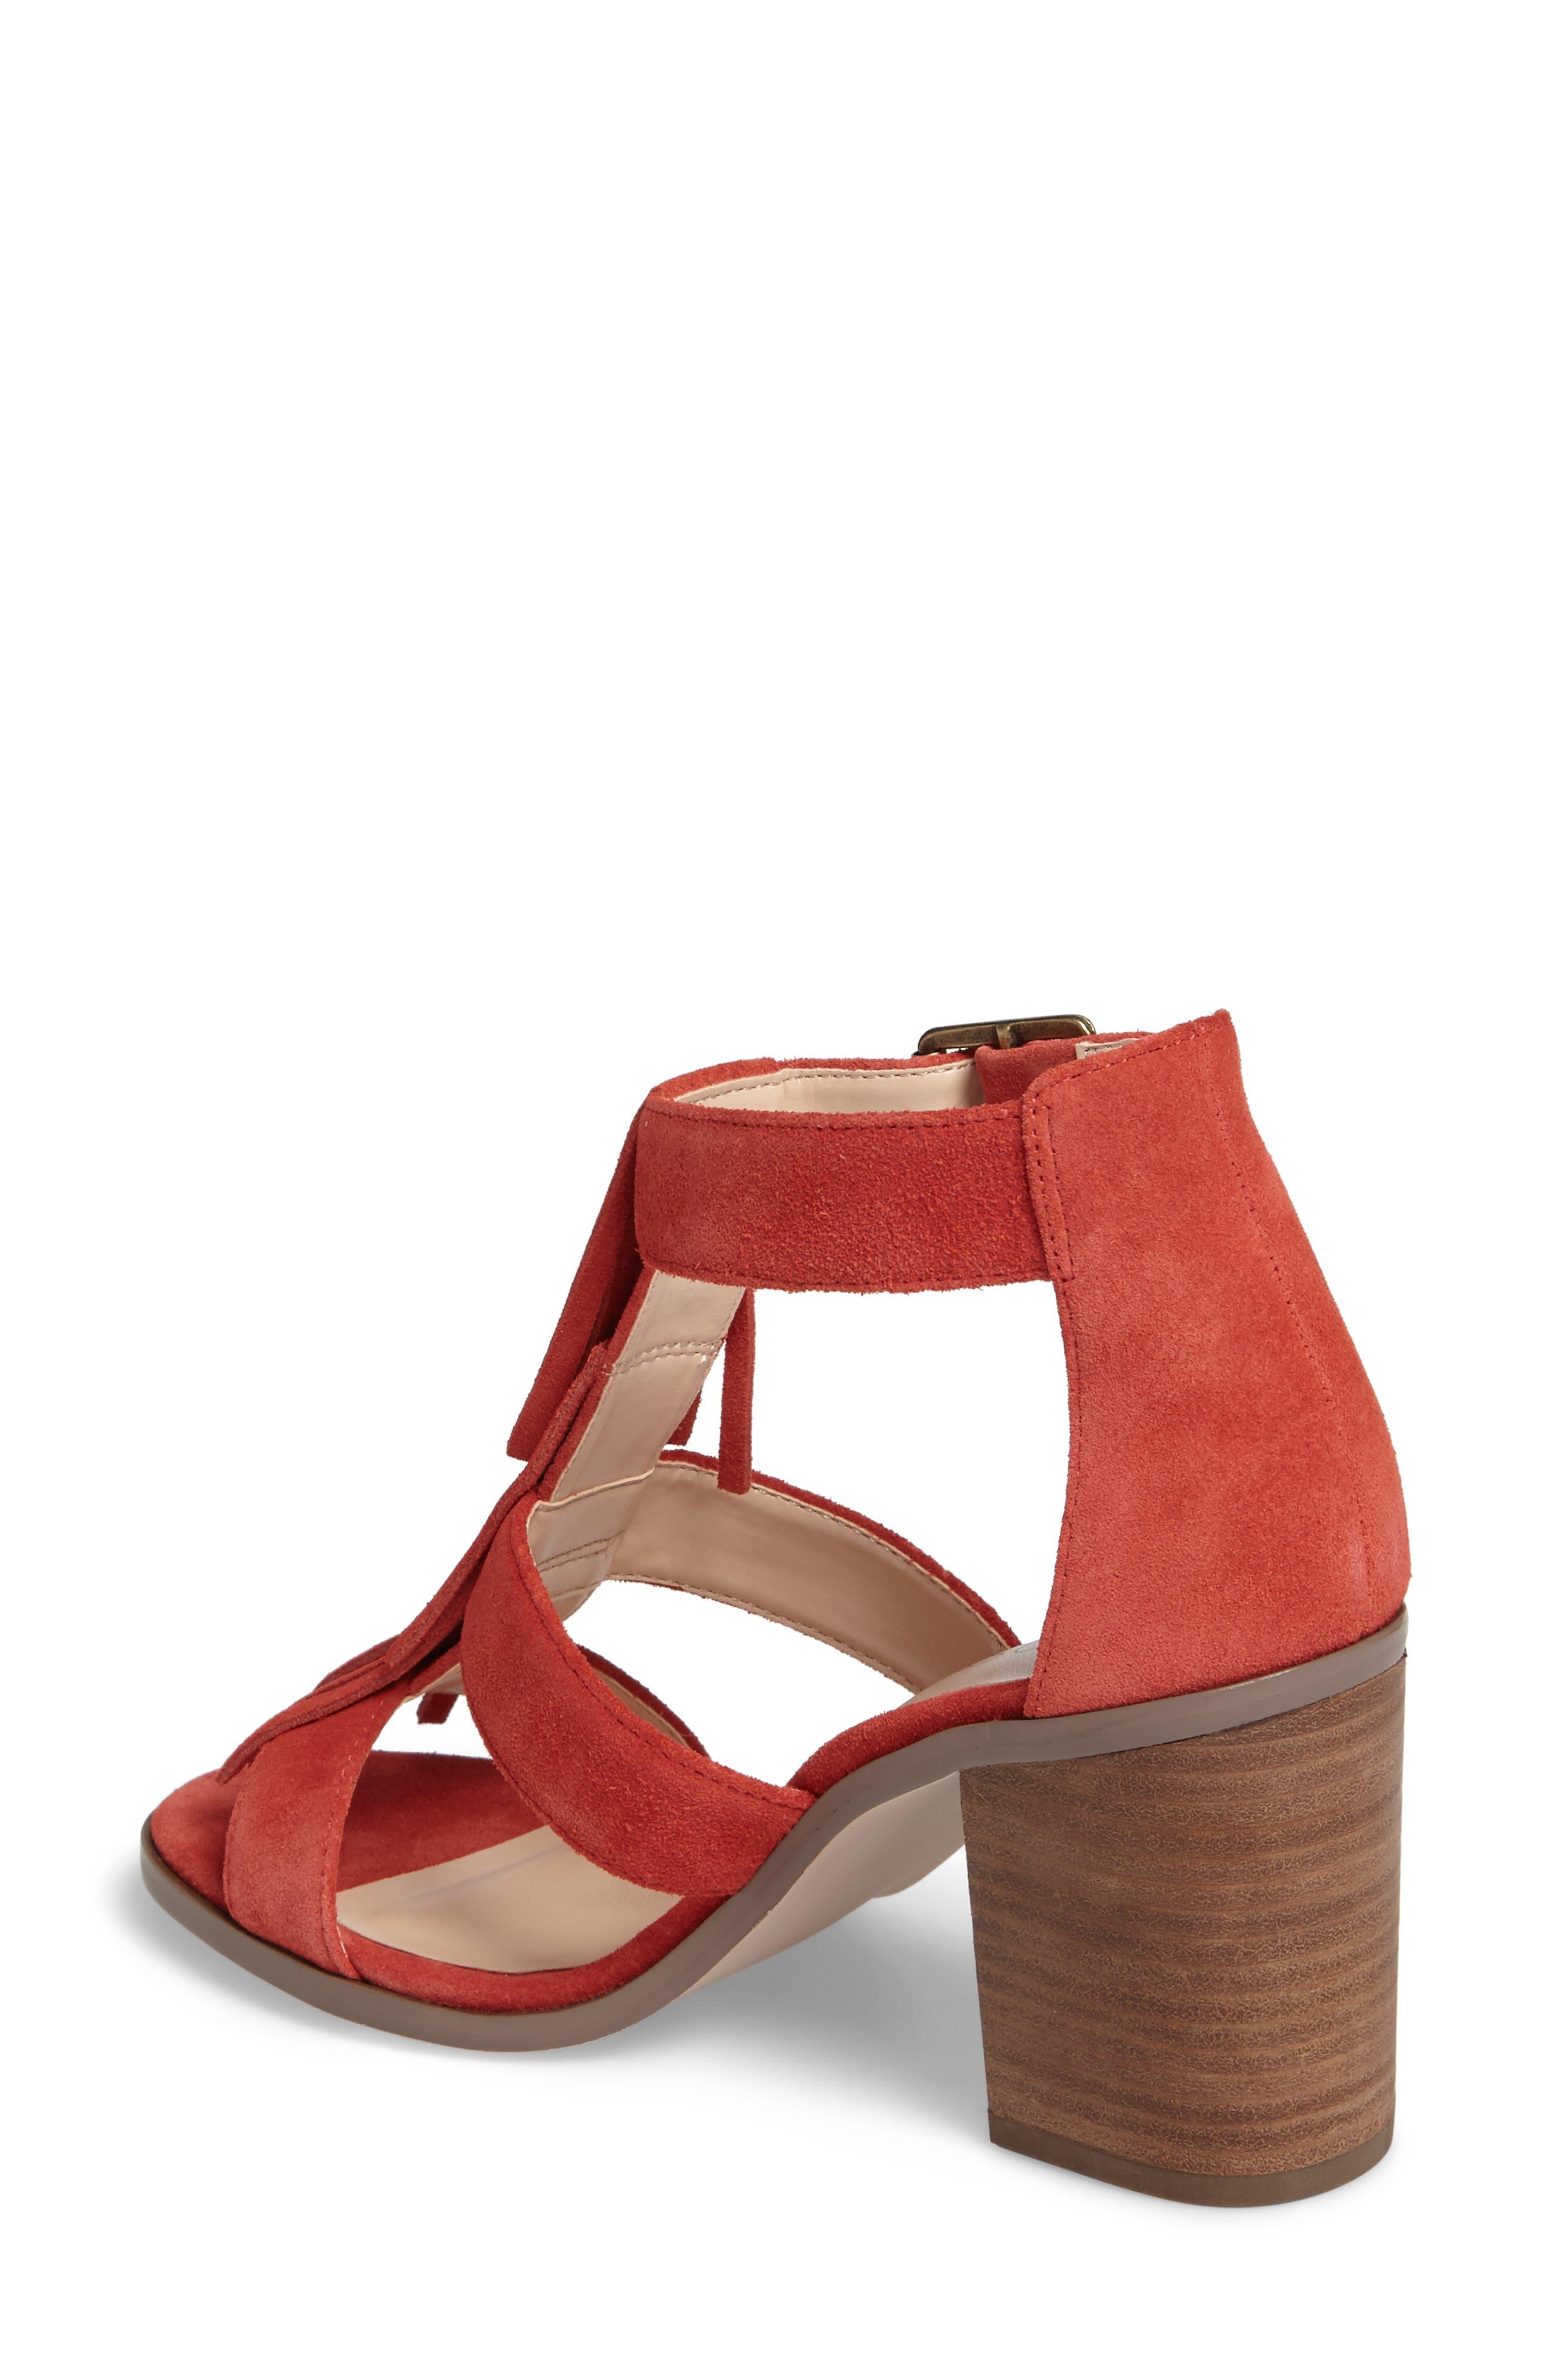 Alternate Image 2  - Sole Society 'Delilah' Fringe Sandal (Women)